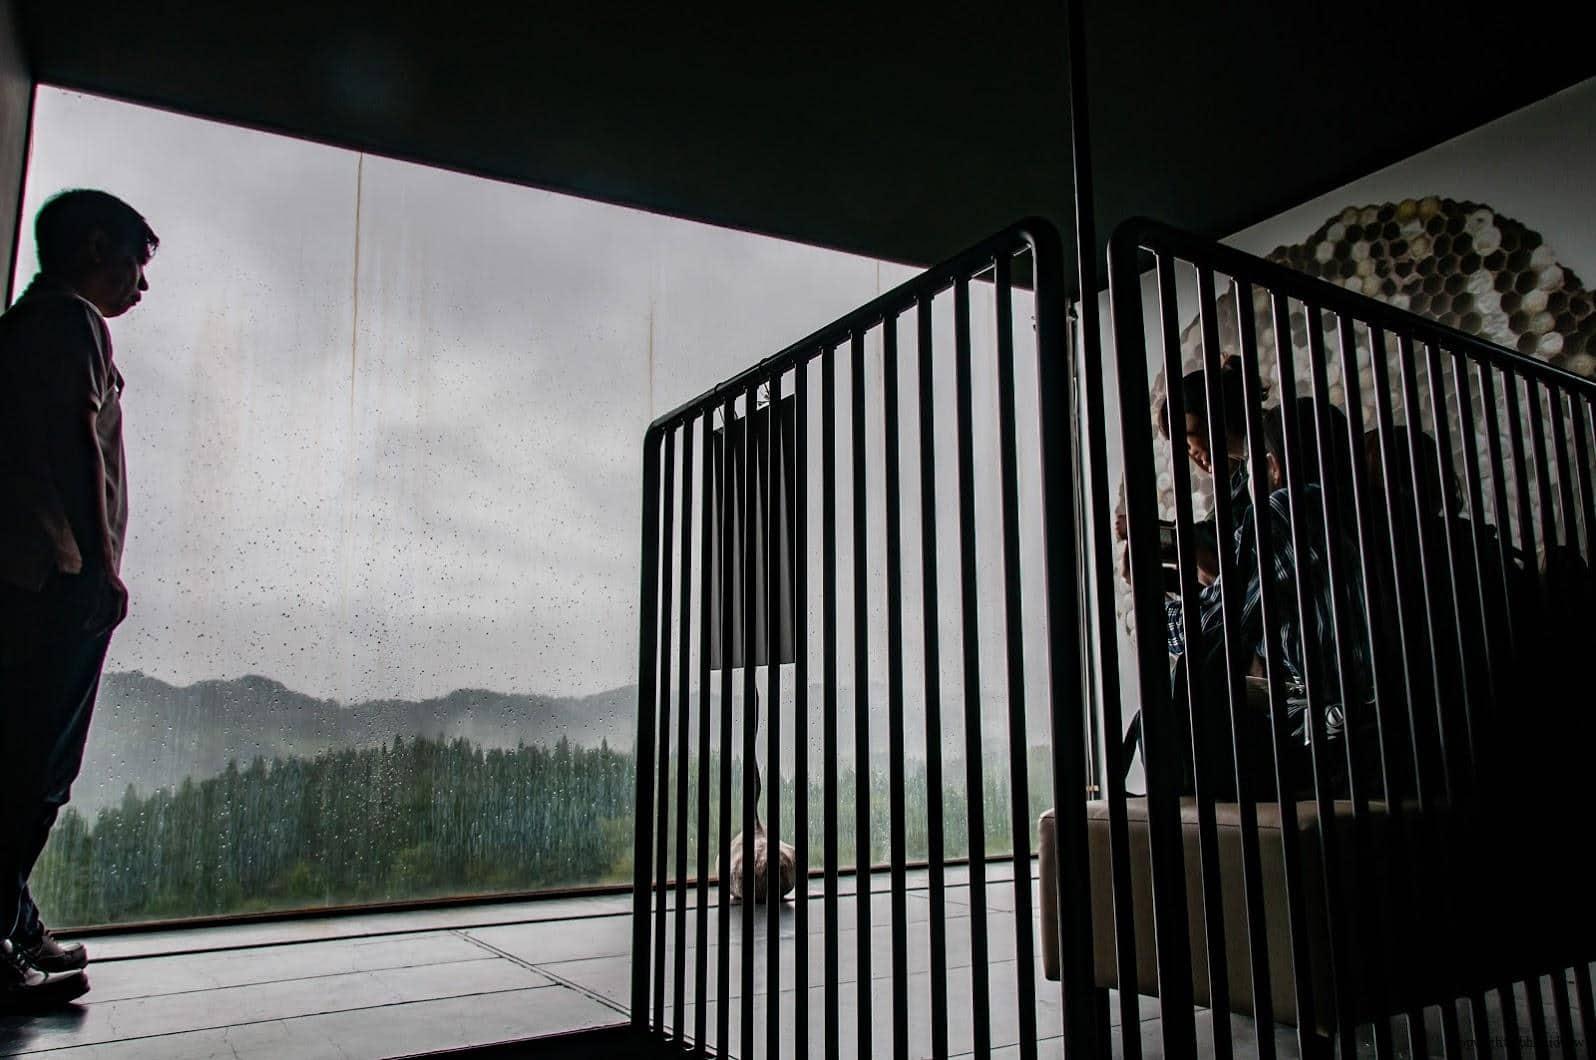 手塚貴晴+手塚由比,十日町市立里山科學館「森林學校」,其中辛苦爬上一圈又一圈的階梯後,上到34公尺高的塔頂,松之山景色非常遼闊地盡收眼底,值得花費這個腳力前往高台一窺究竟 十日町市立里山科學館 十日町市立里山科學館/森林學校 echigo matsunoyama museum of natural science 16